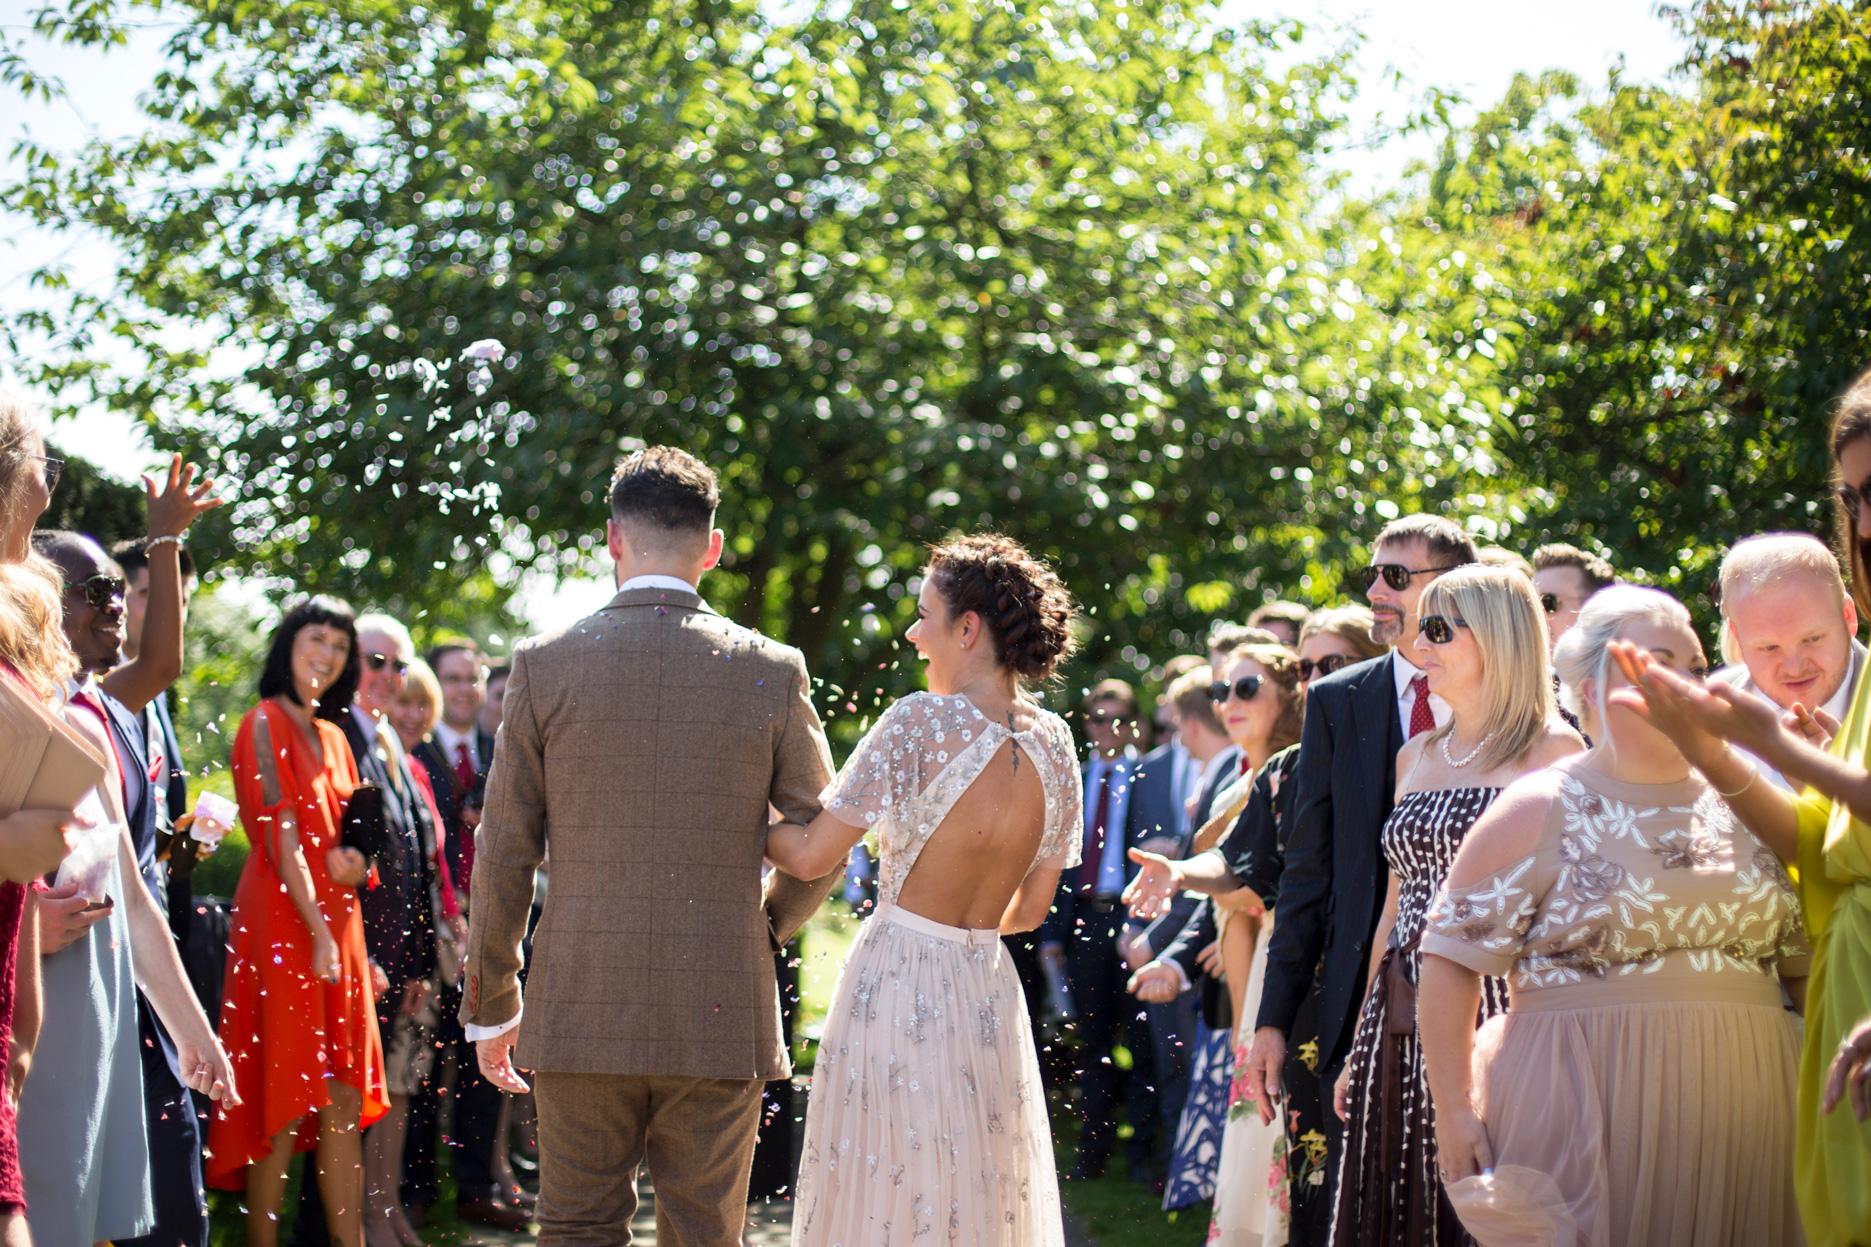 confetti, summer wedding, luxe wedding, wedding dress,